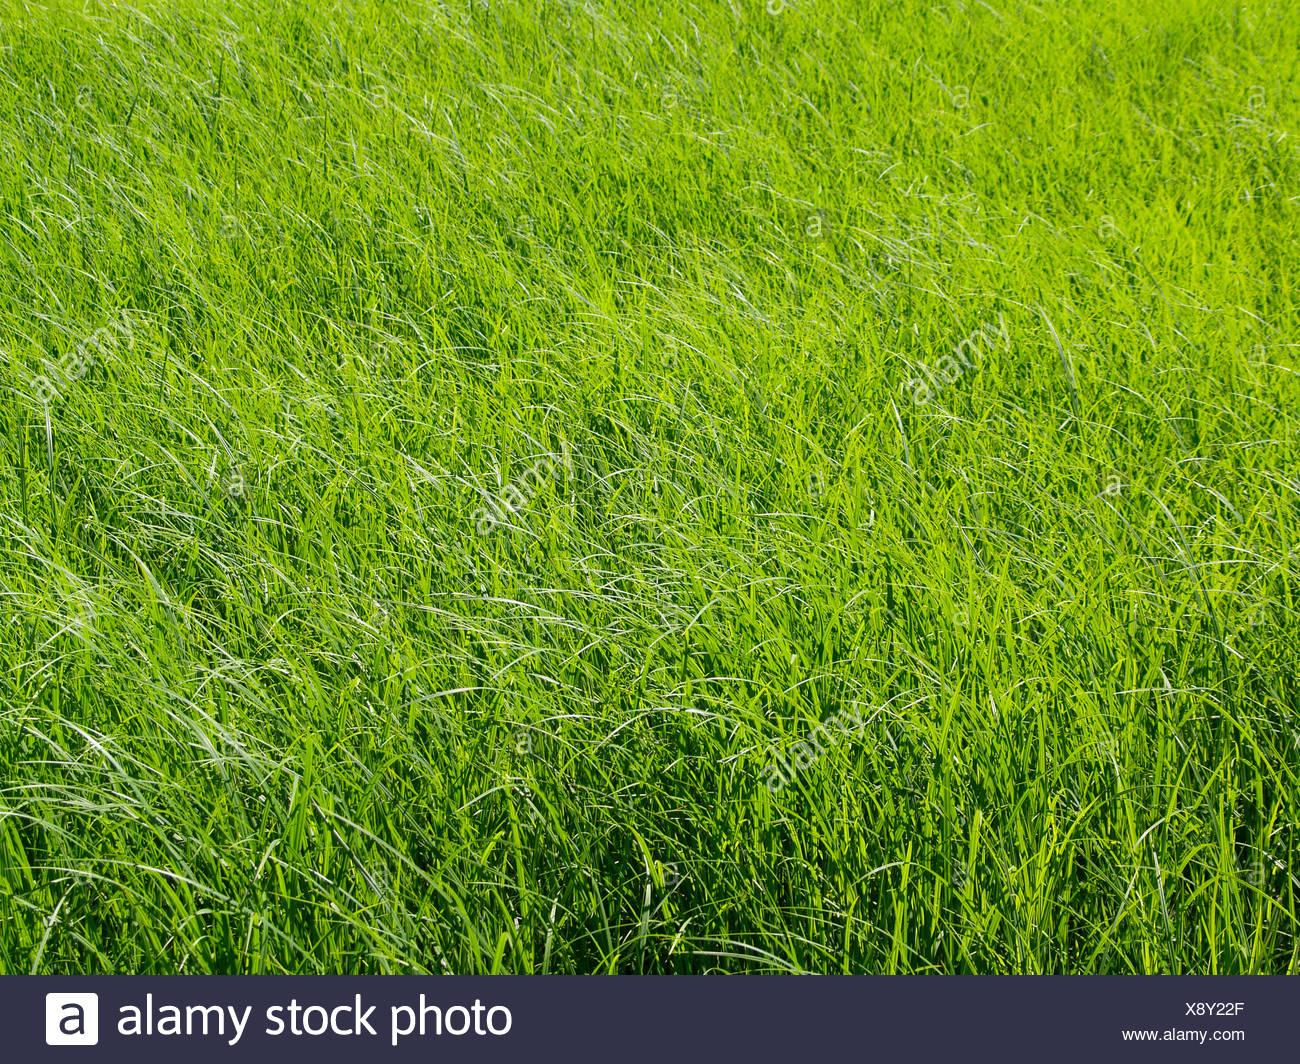 Wiese, Grashalme, Sonnenlicht, Natur, Pflanzen, Gras, Wachstum, wachsen, spriessen, frisch, sonnig, sommerlich, hell, Graeser, D - Stock Image